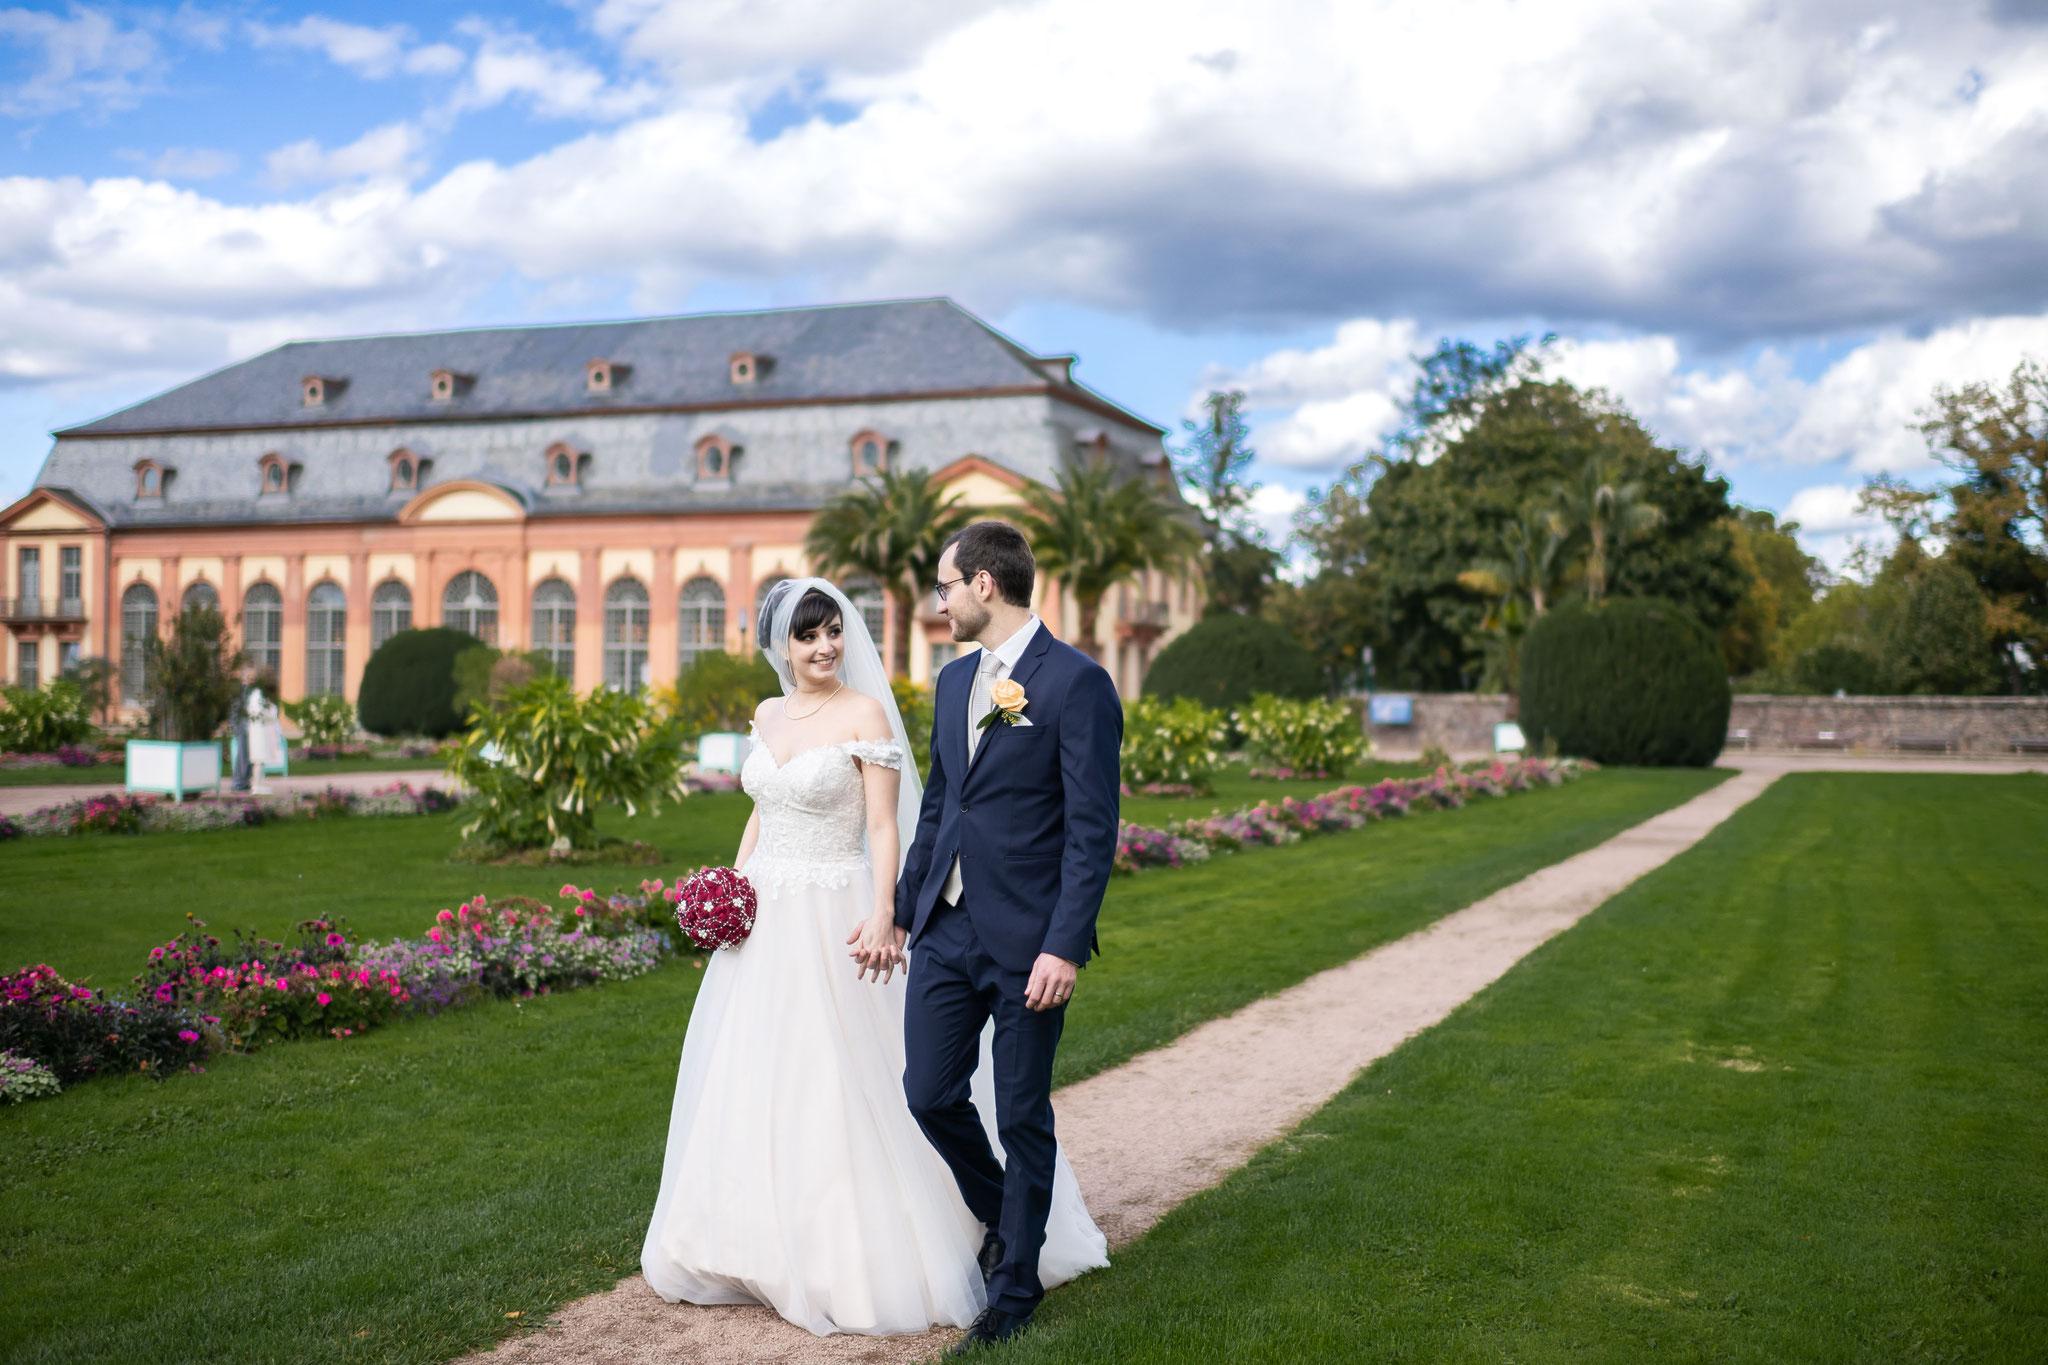 Fotograf, Videograf, Kameramann, Filmmaker, Filmemacher, Hochzeitsfotograf für Hochzeiten Deutschlandweit